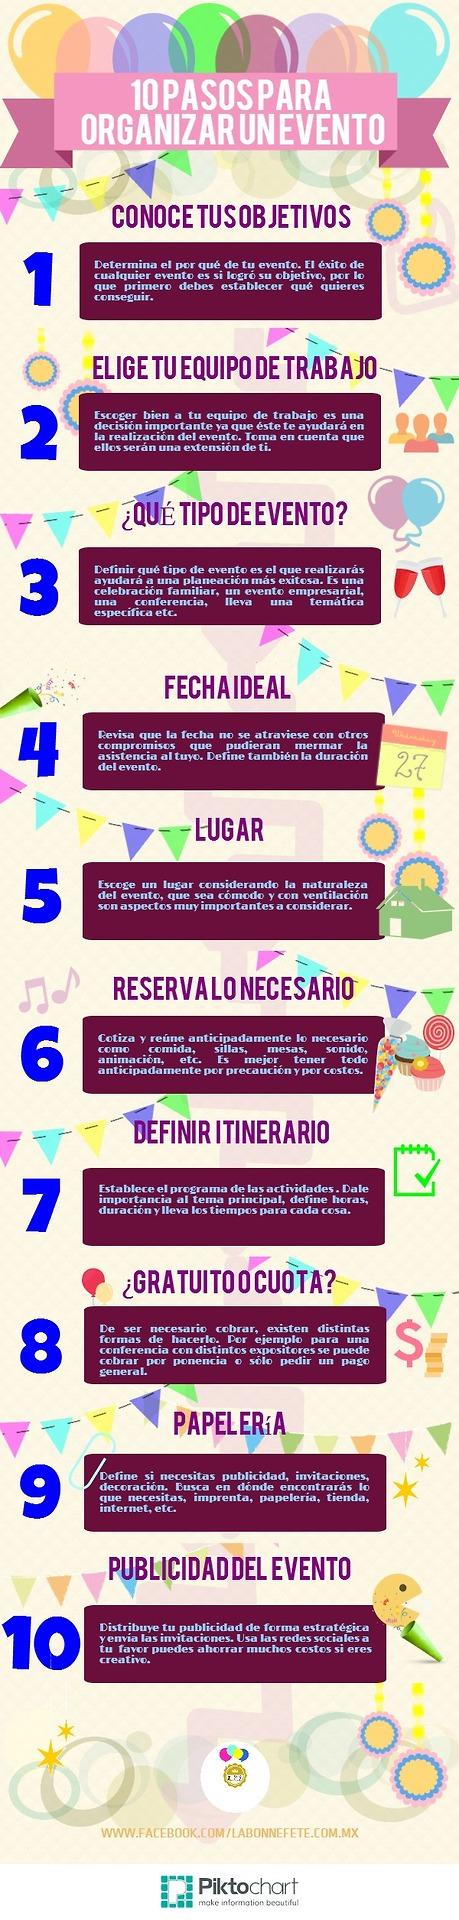 10 Pasos Para Organizar Un Evento Organizacion De Eventos Organizadora De Eventos Planificación De Eventos